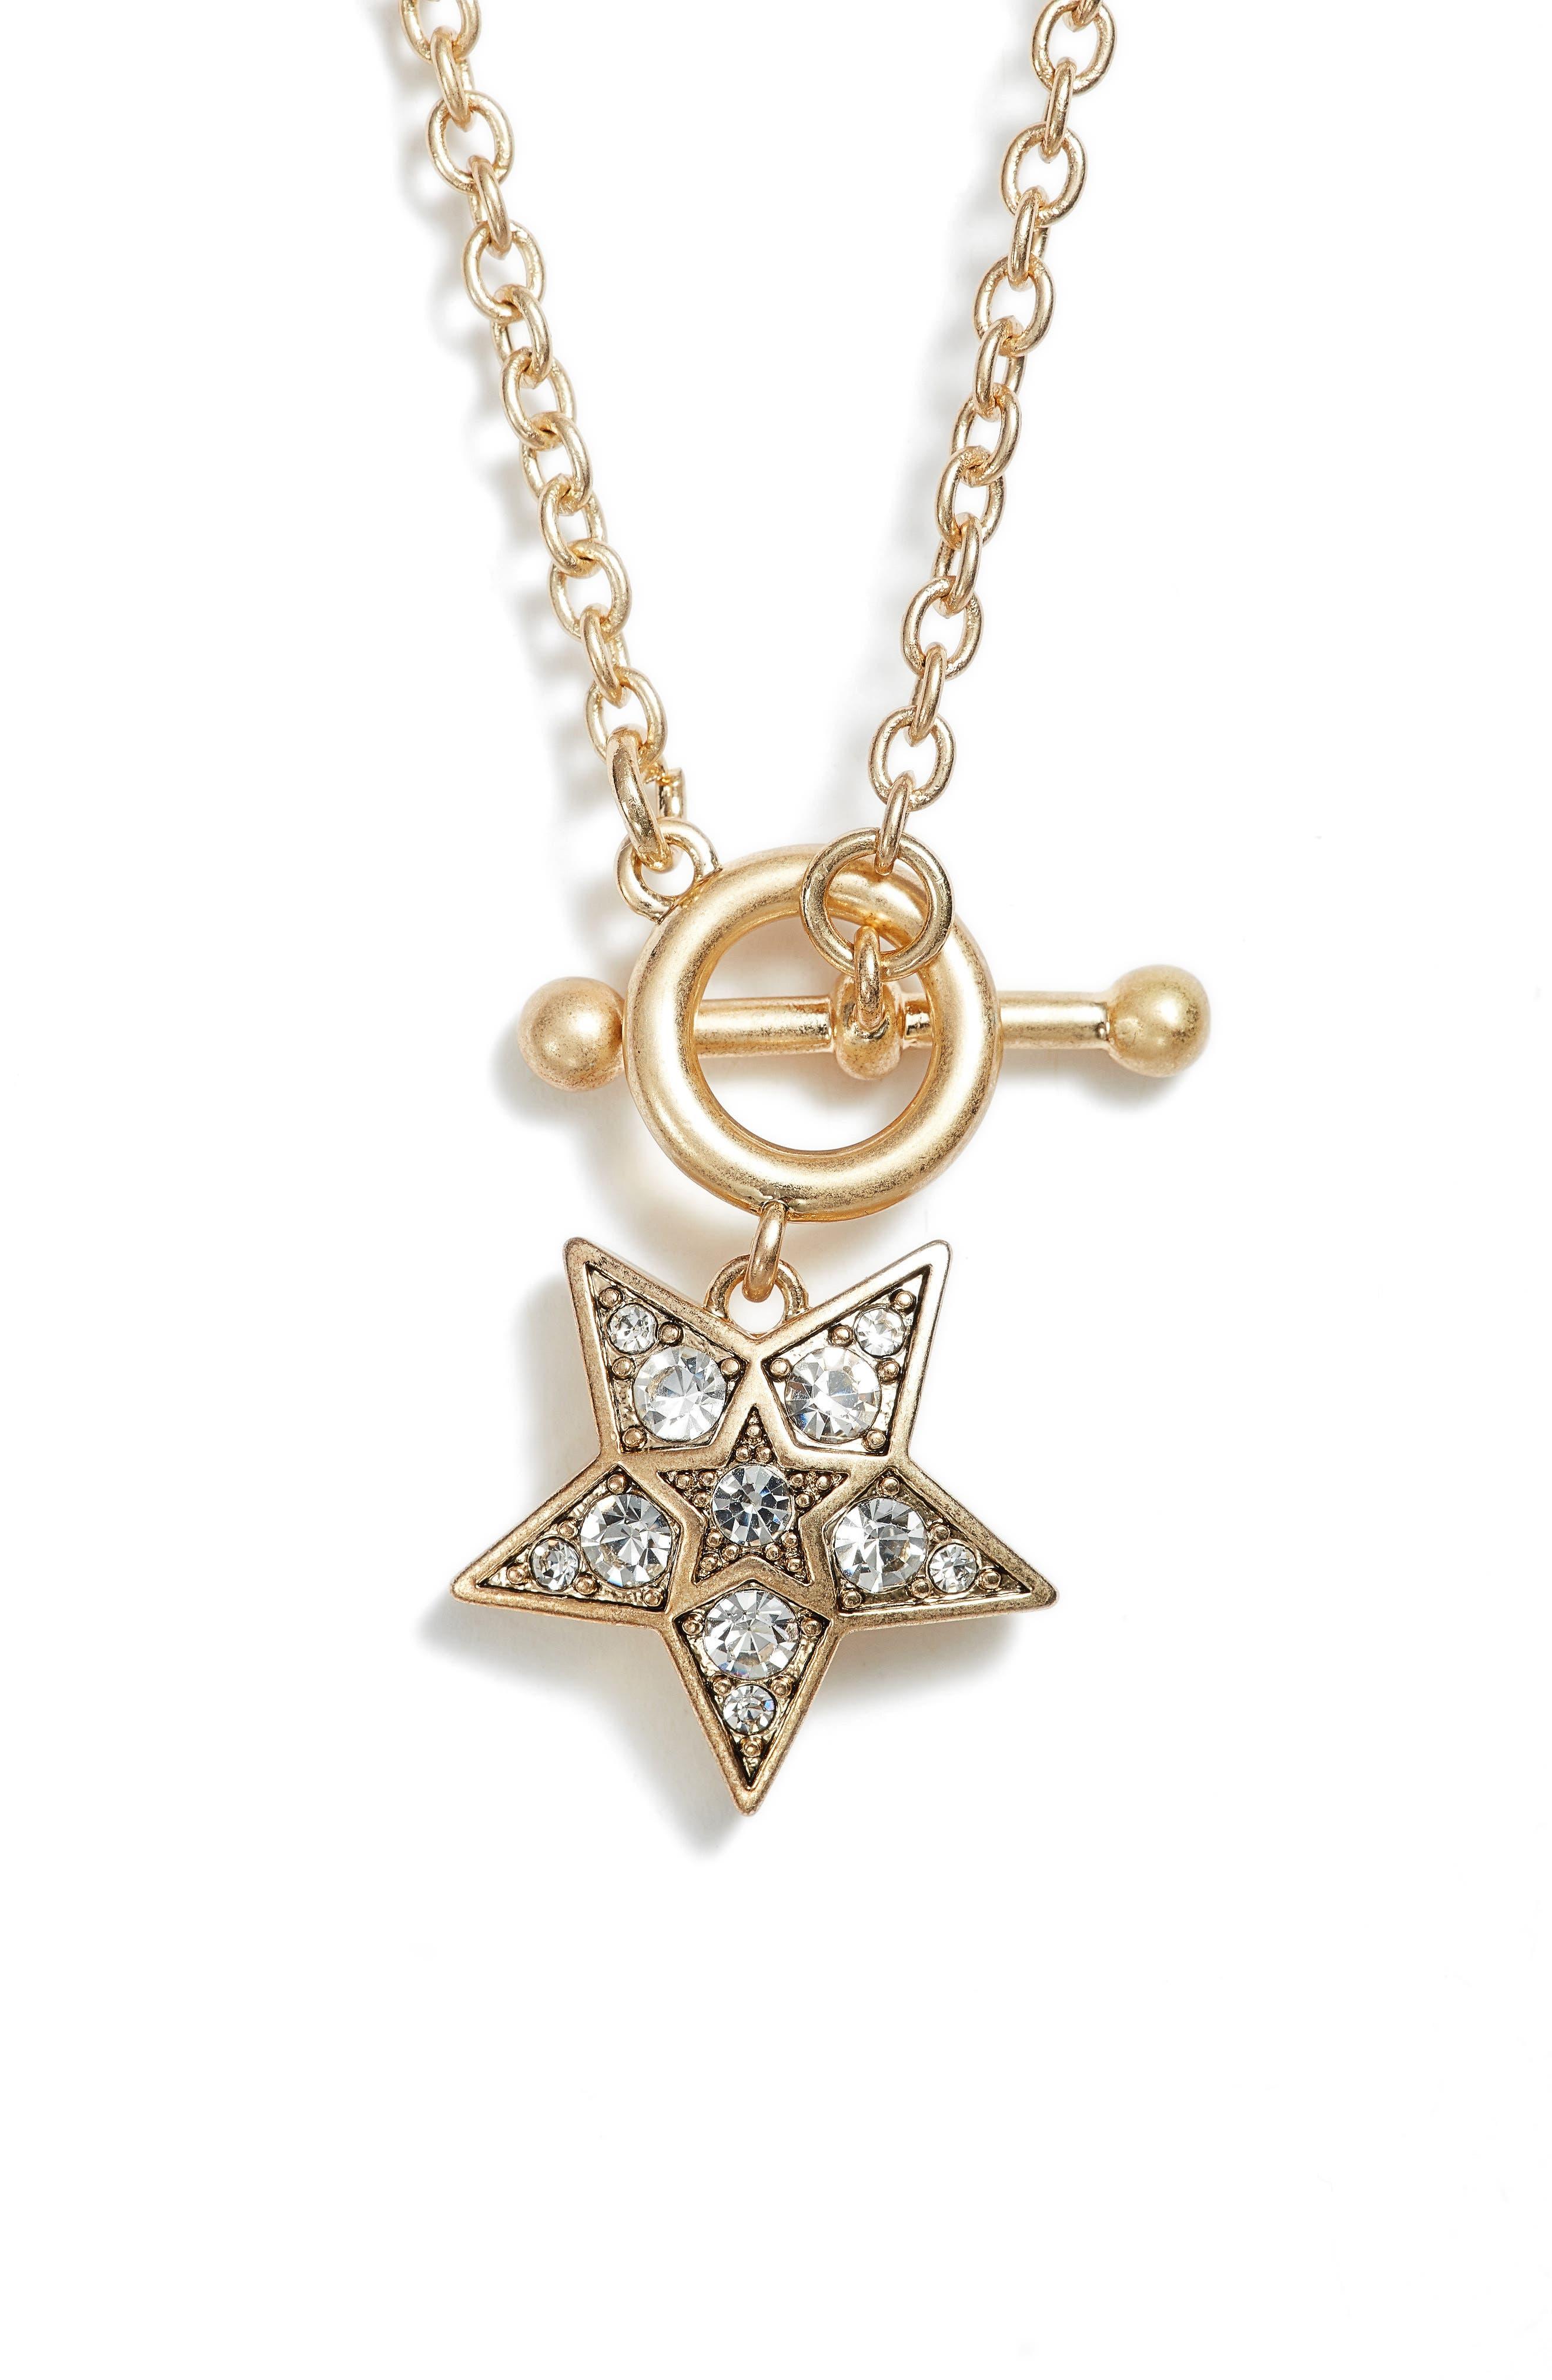 Main Image - Jenny Packham Embellished Star Pendant Necklace